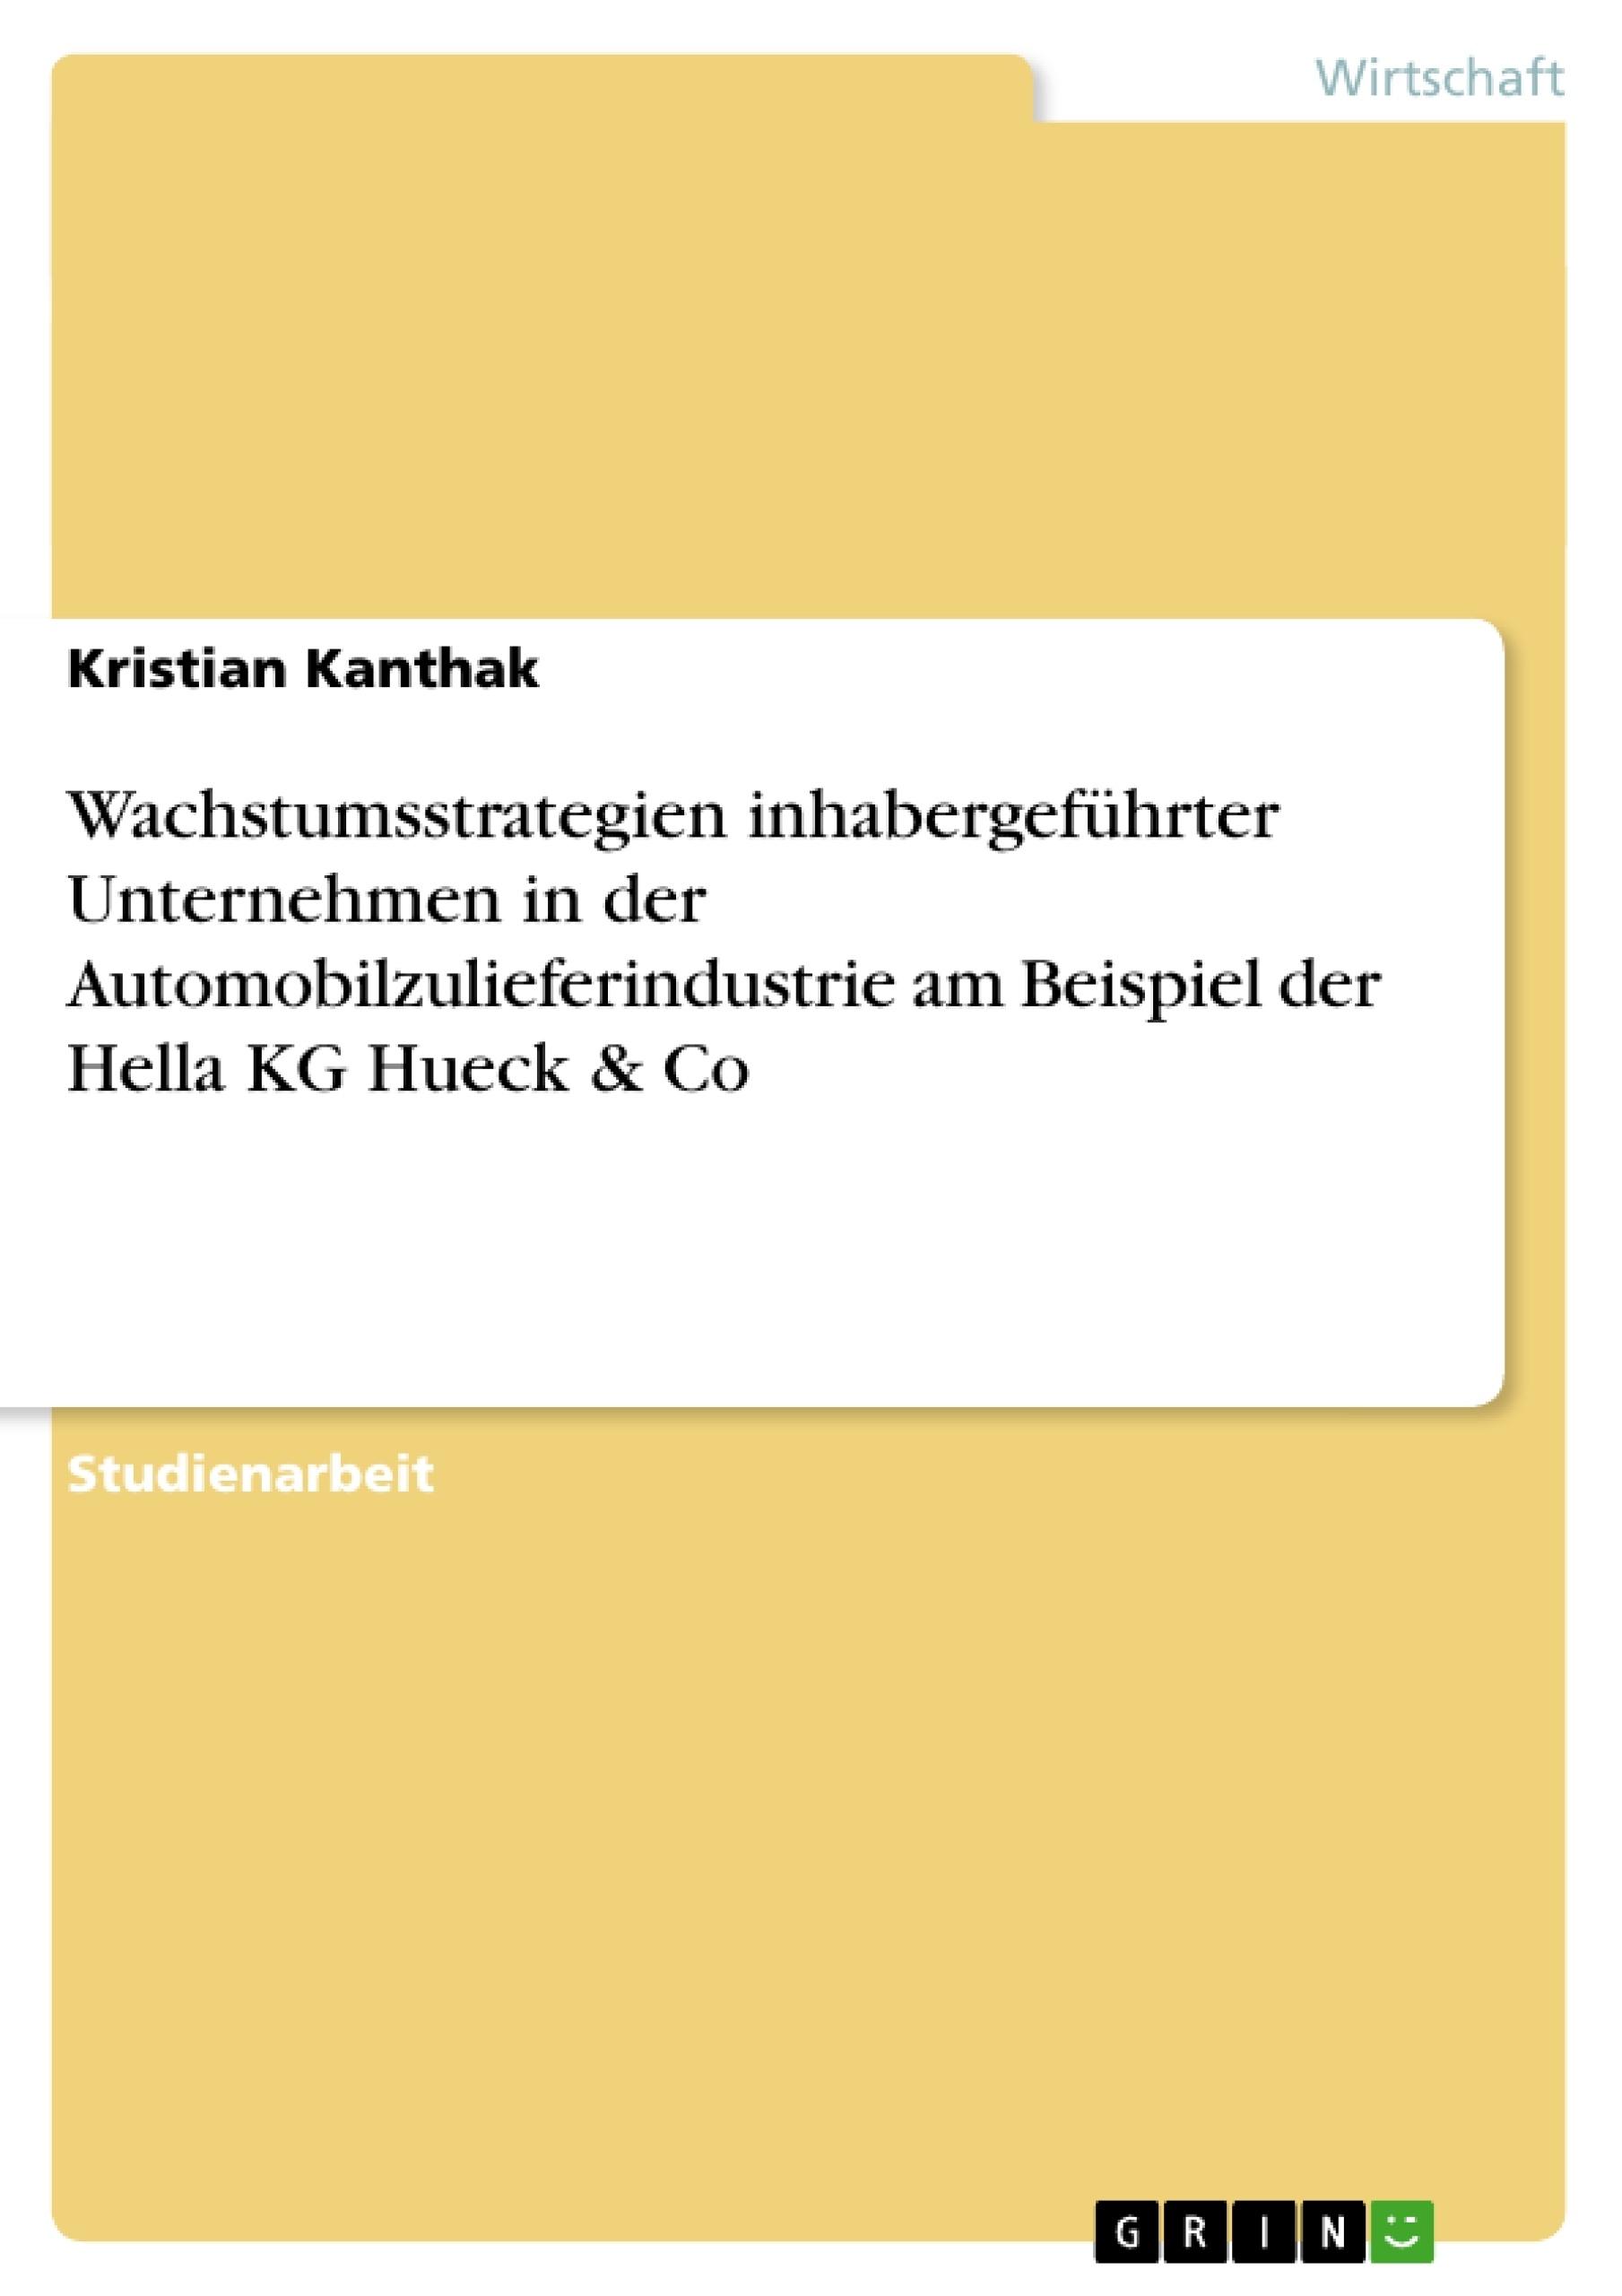 Titel: Wachstumsstrategien inhabergeführter Unternehmen in der Automobilzulieferindustrie am Beispiel der Hella KG Hueck & Co